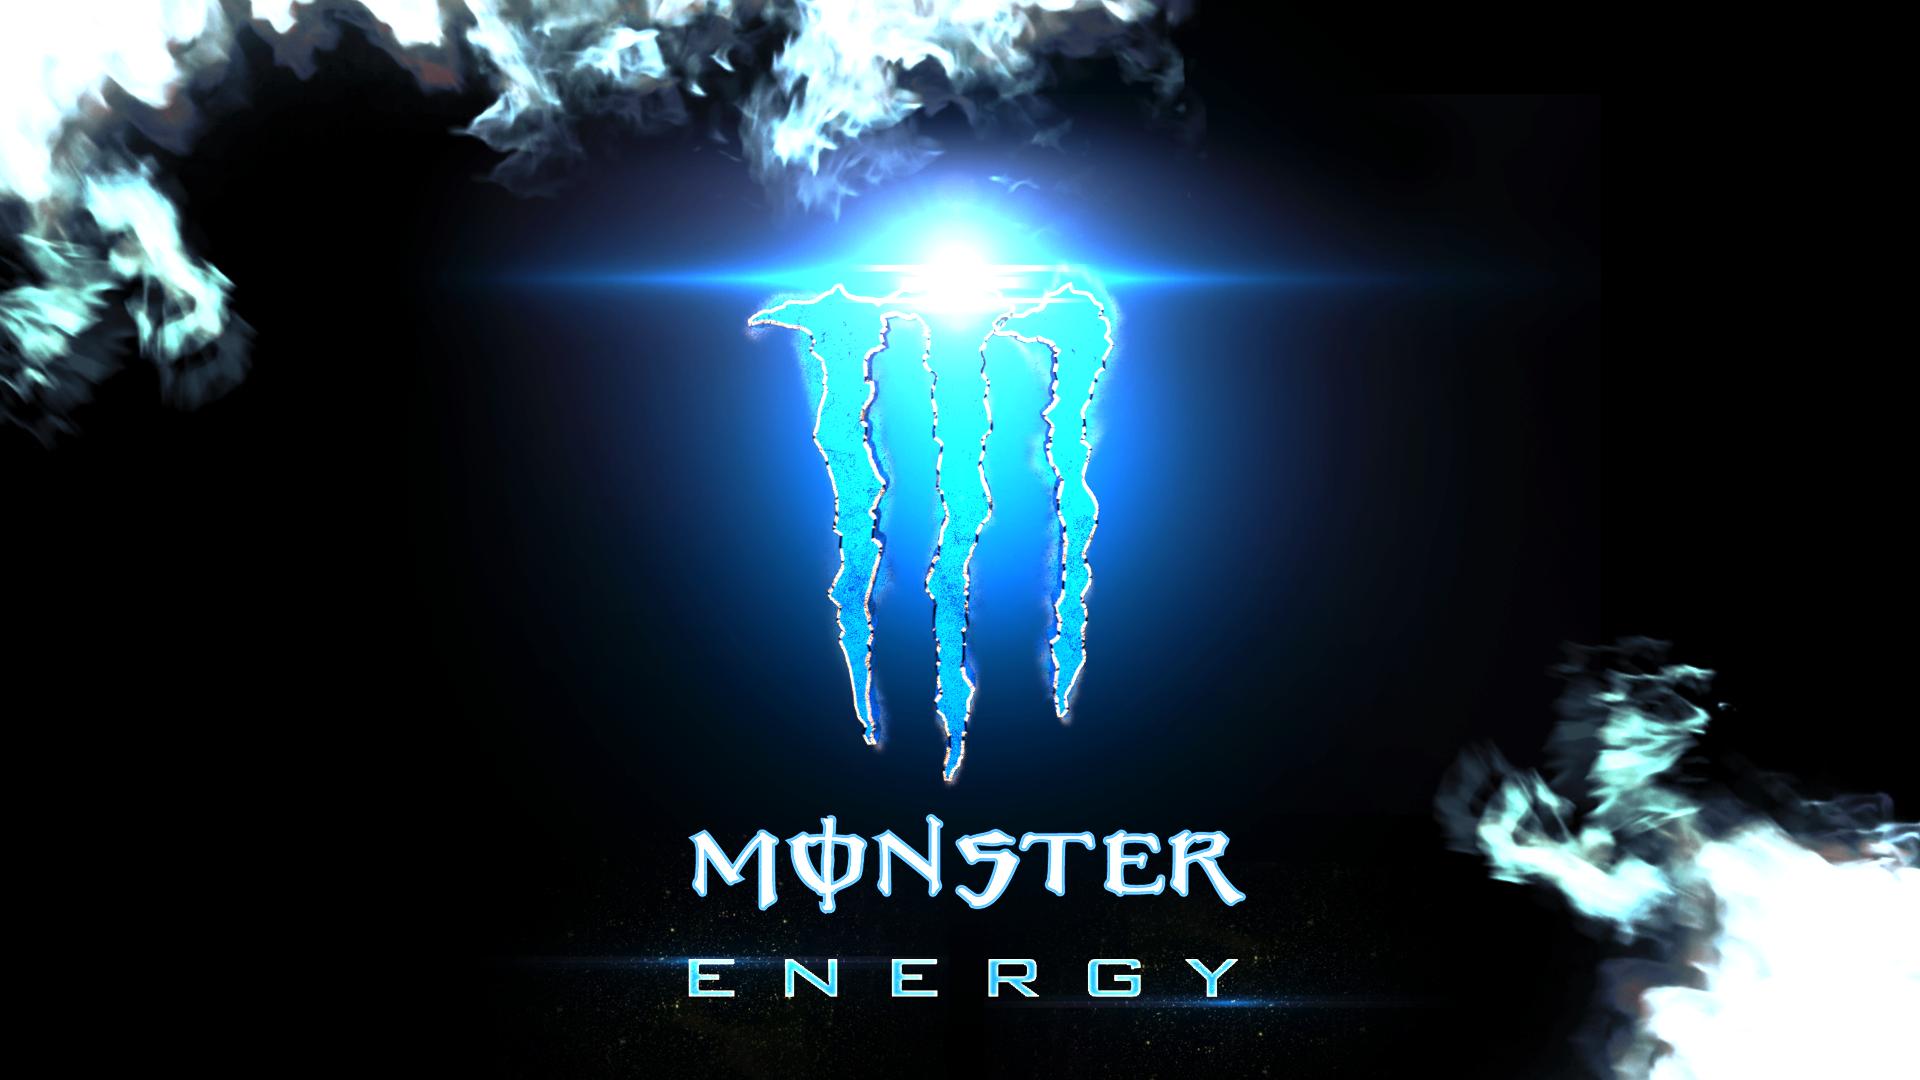 monster wallpaper desktop energy wallpapers 1920x1080 1920x1080